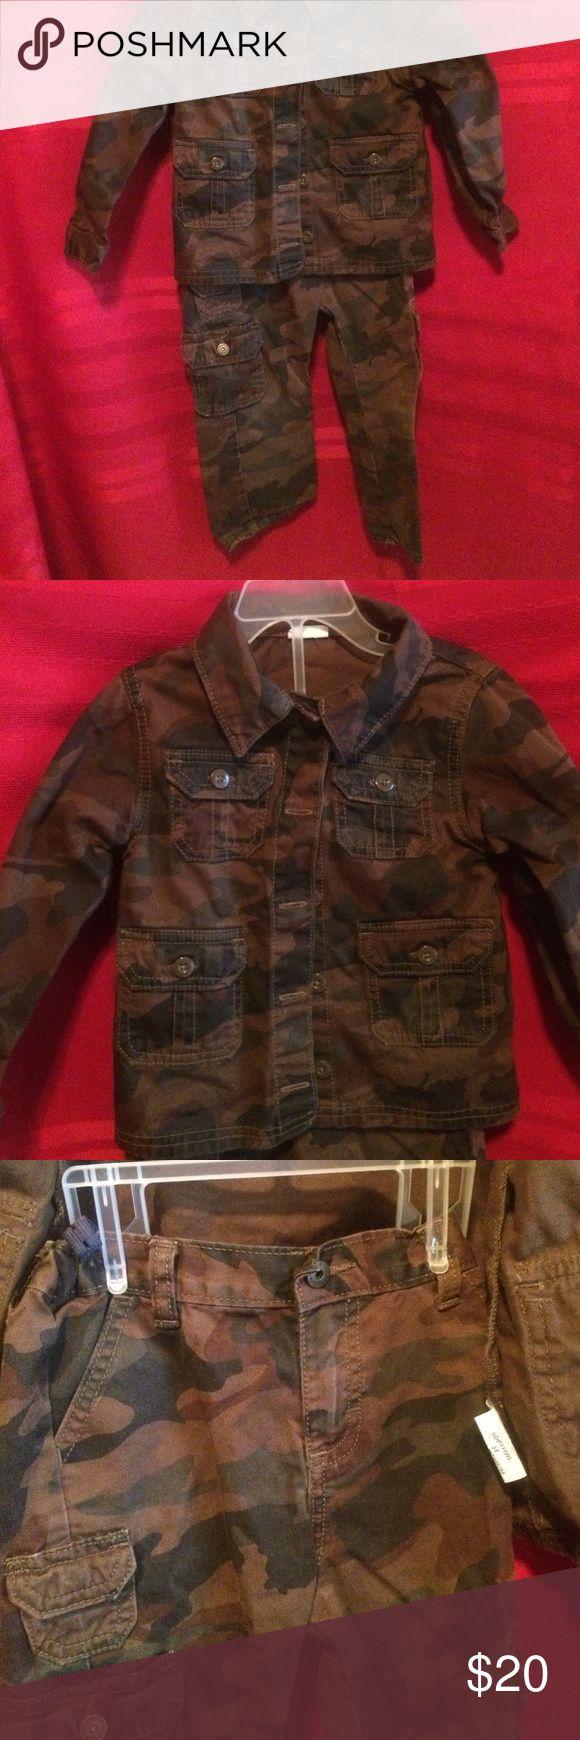 3T wrangler brand camo jacket and pants Like new Wrangler Jackets & Coats Jean Jackets